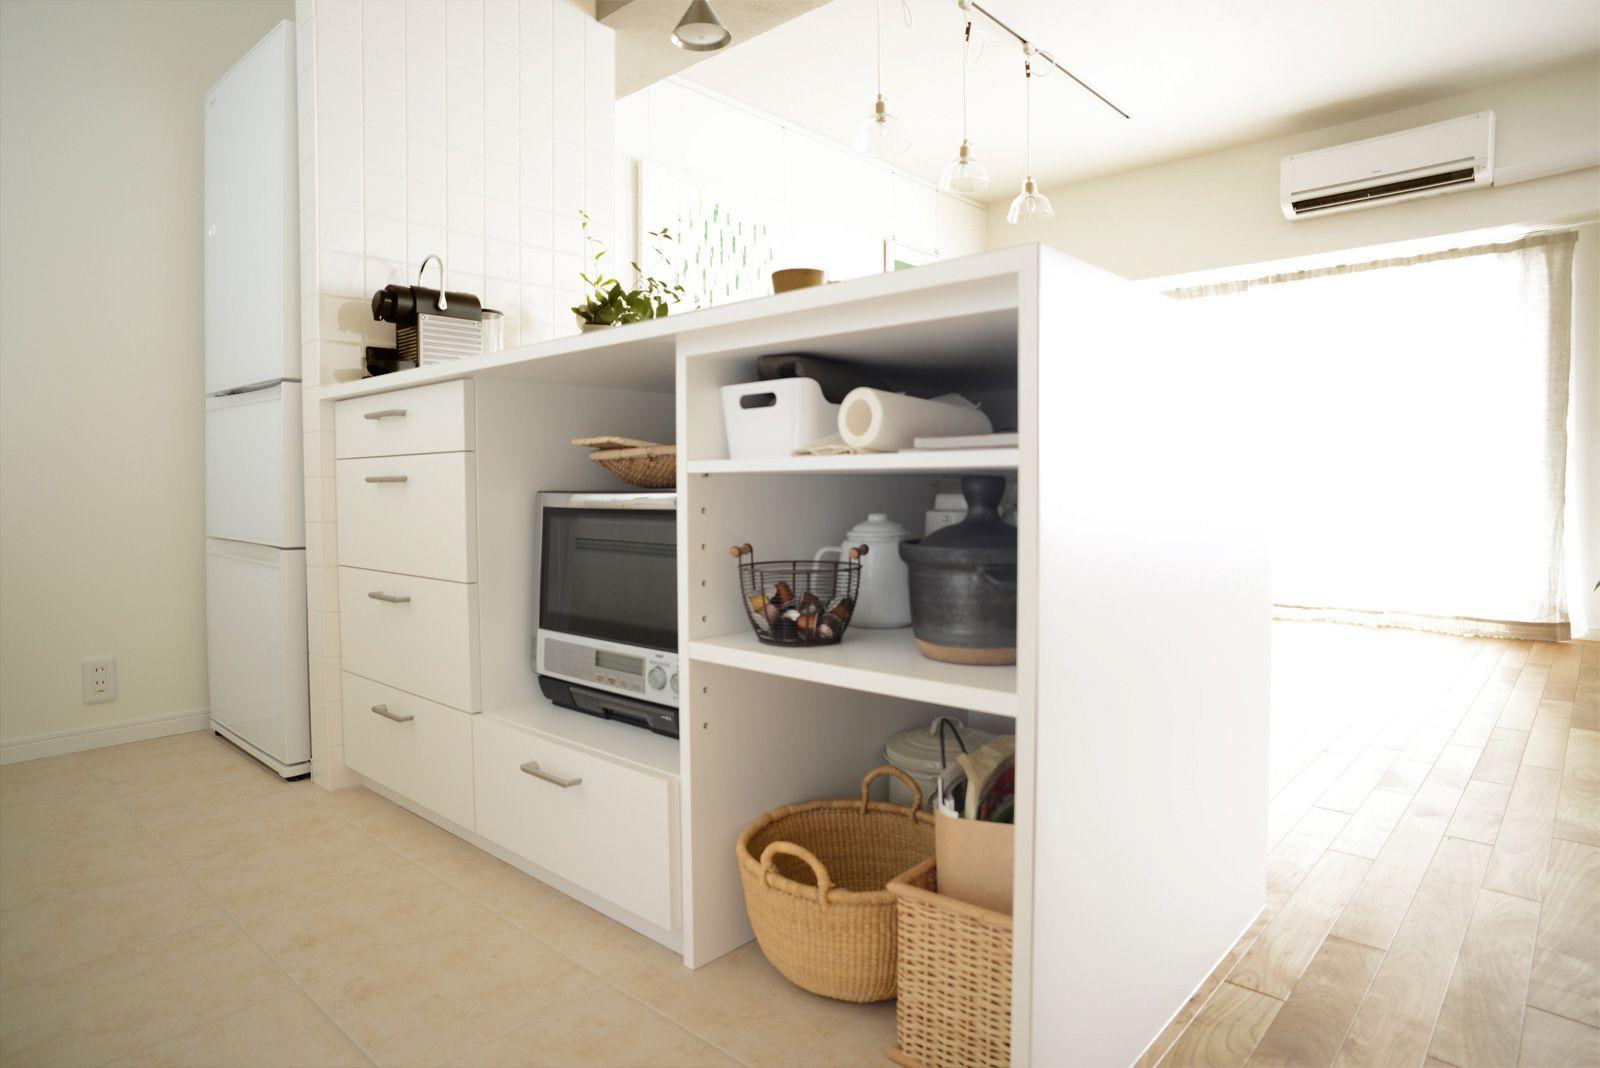 ホワイトの造作キッチンカウンターとライトベージュの床タイルを使用 収納はお持ちのものに合わせて製作したことで 調理家電もスッキリと納まり使い勝手も抜群 キッチンカウンター 造作 収納 リノベーション キッチン リノベーション 造作キッチン